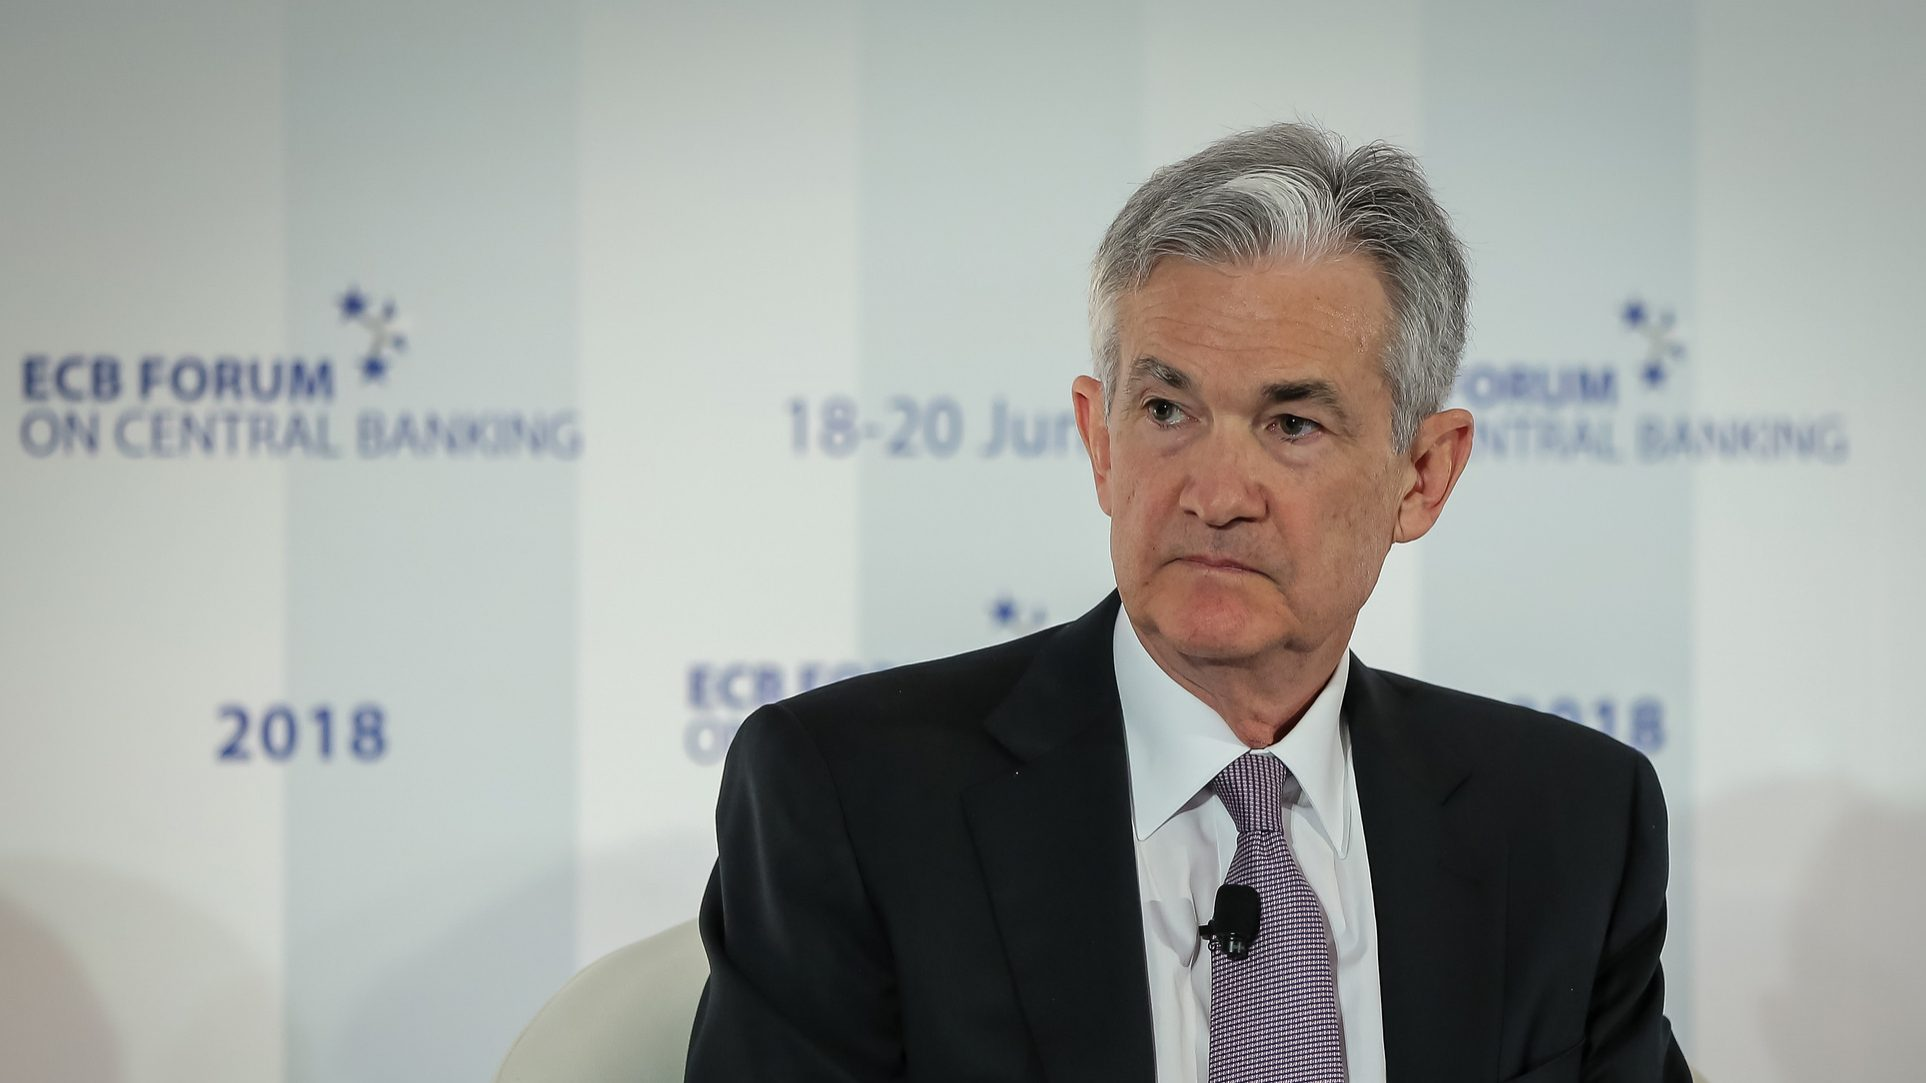 De olho na inflação, Fed prepara novas subidas de juros nos EUA